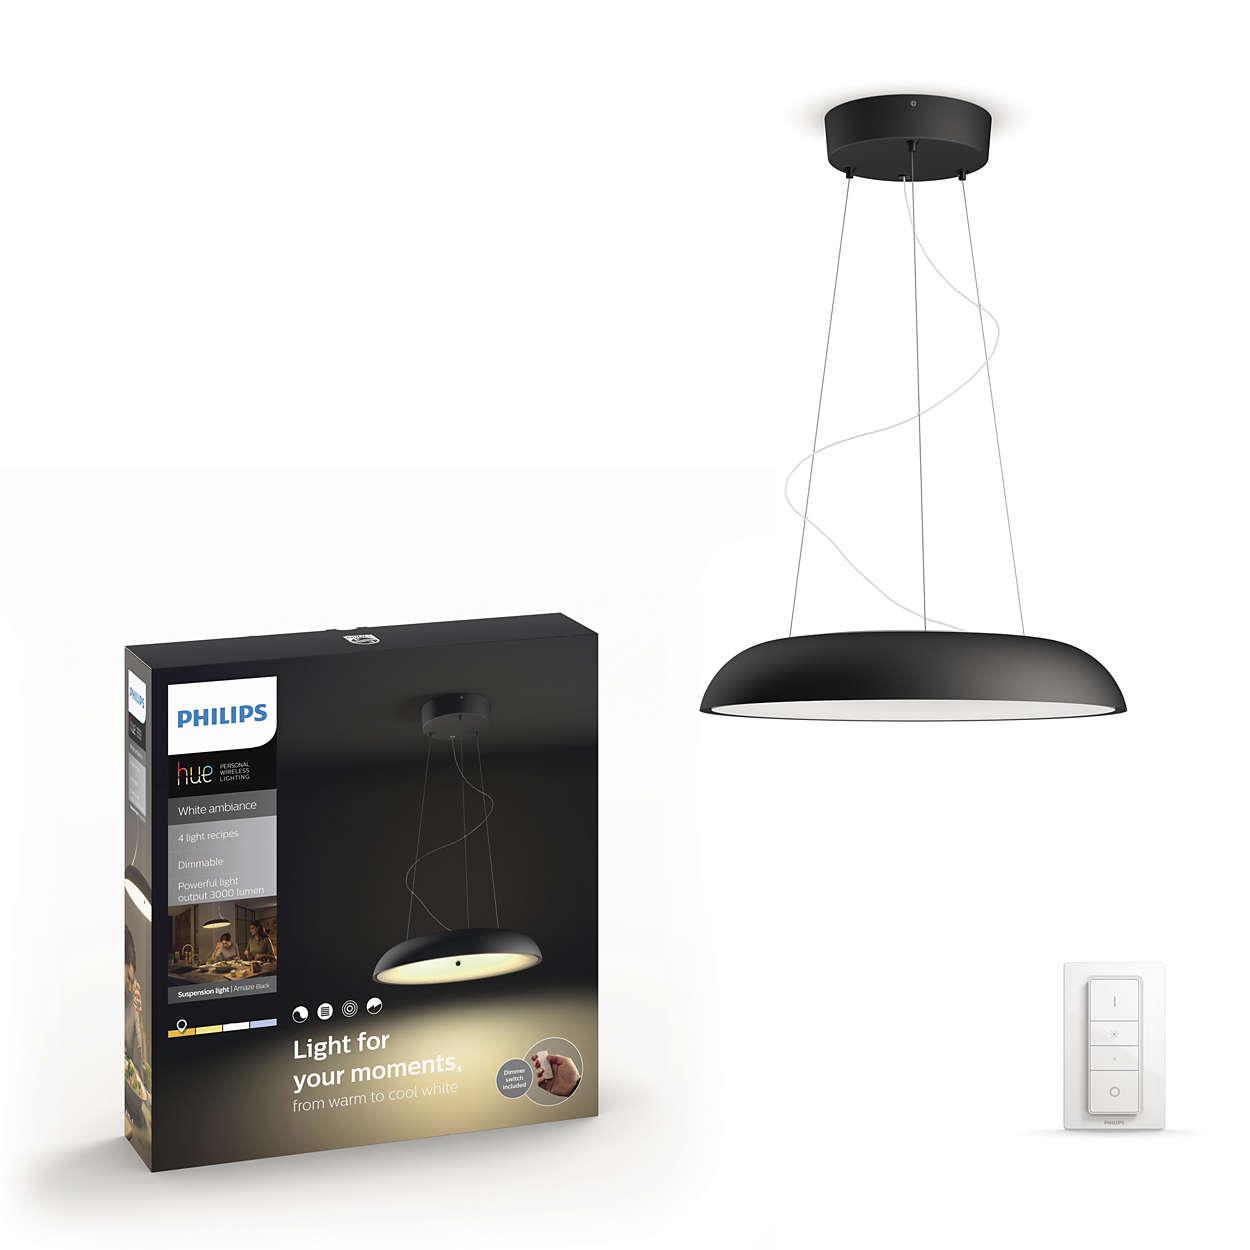 Einzigartiges Design, das in jedes Zuhause passt